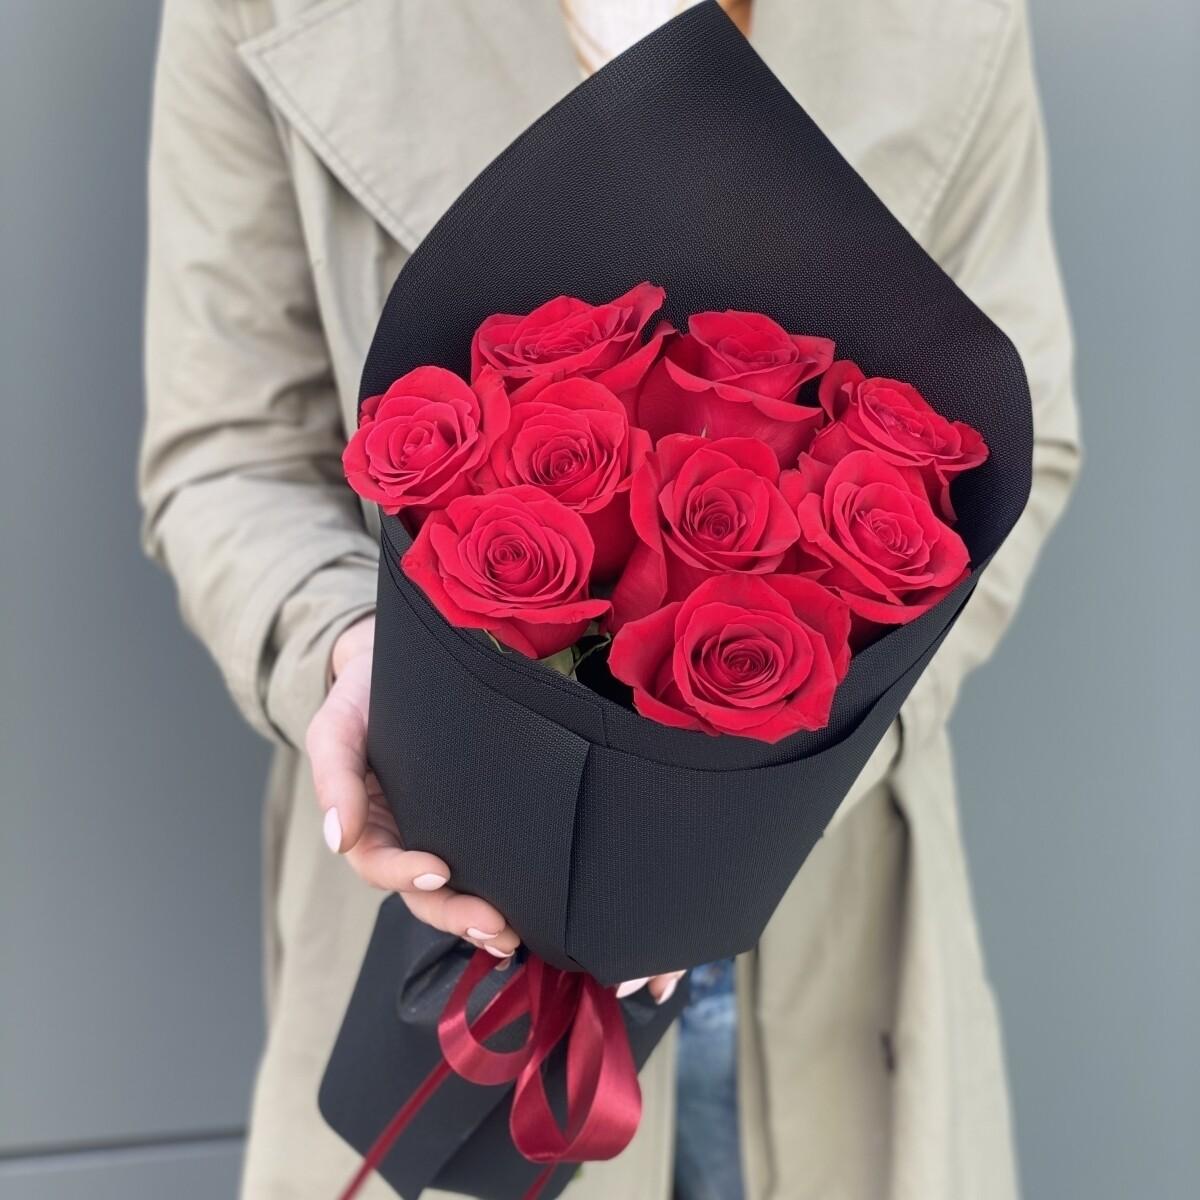 Букет роз в черном оформление.